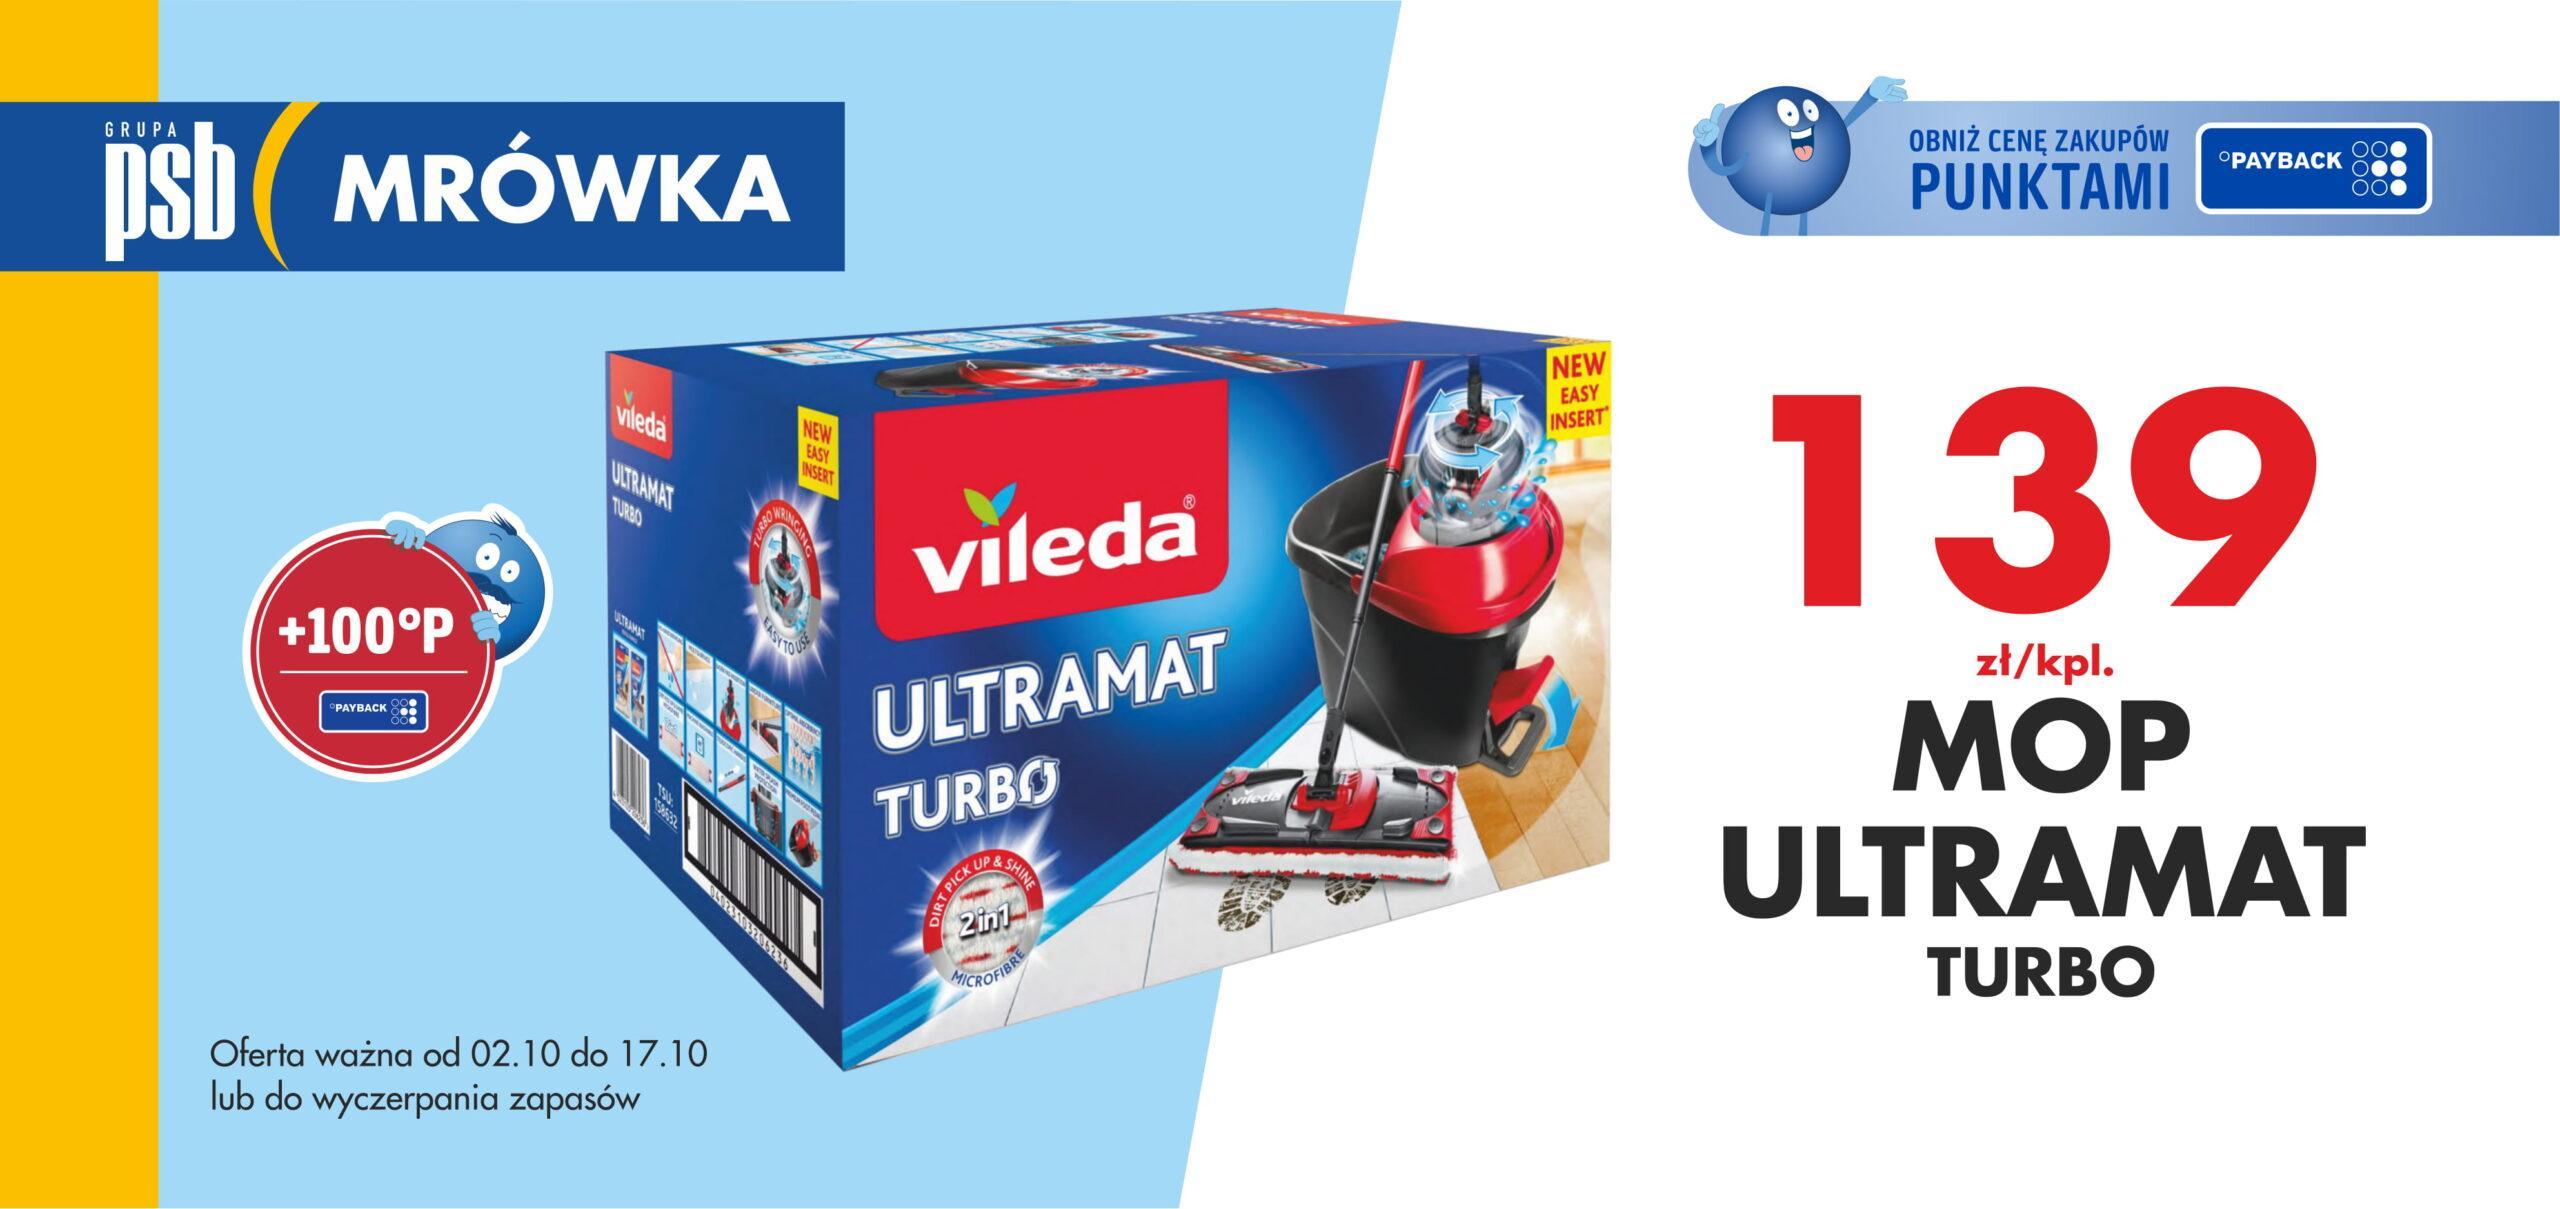 Mop Ultramat 504x238-1